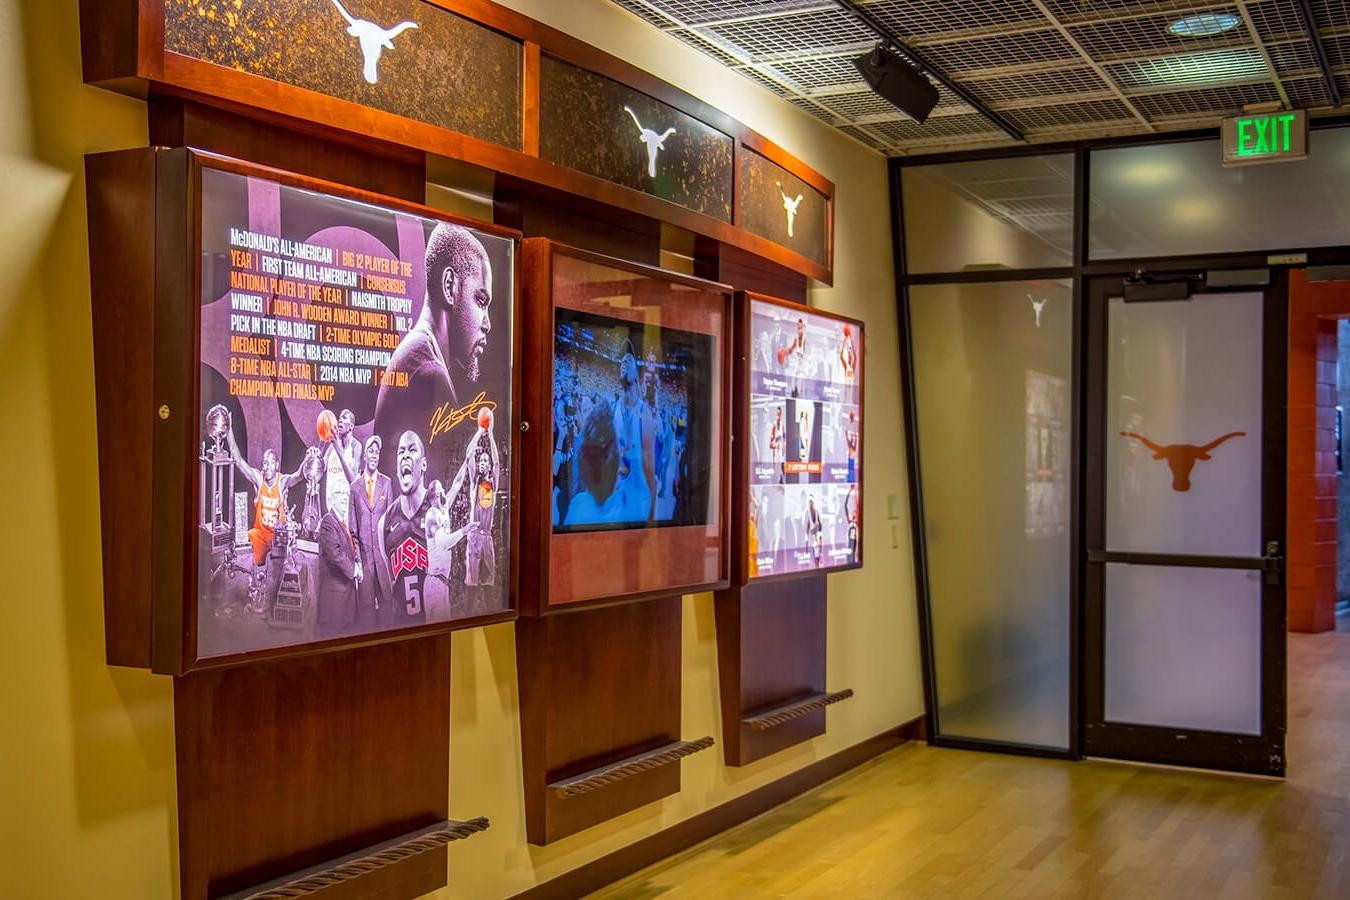 德克萨斯大学丹顿A.库勒馆环境图形设计© Dimensional Innovations